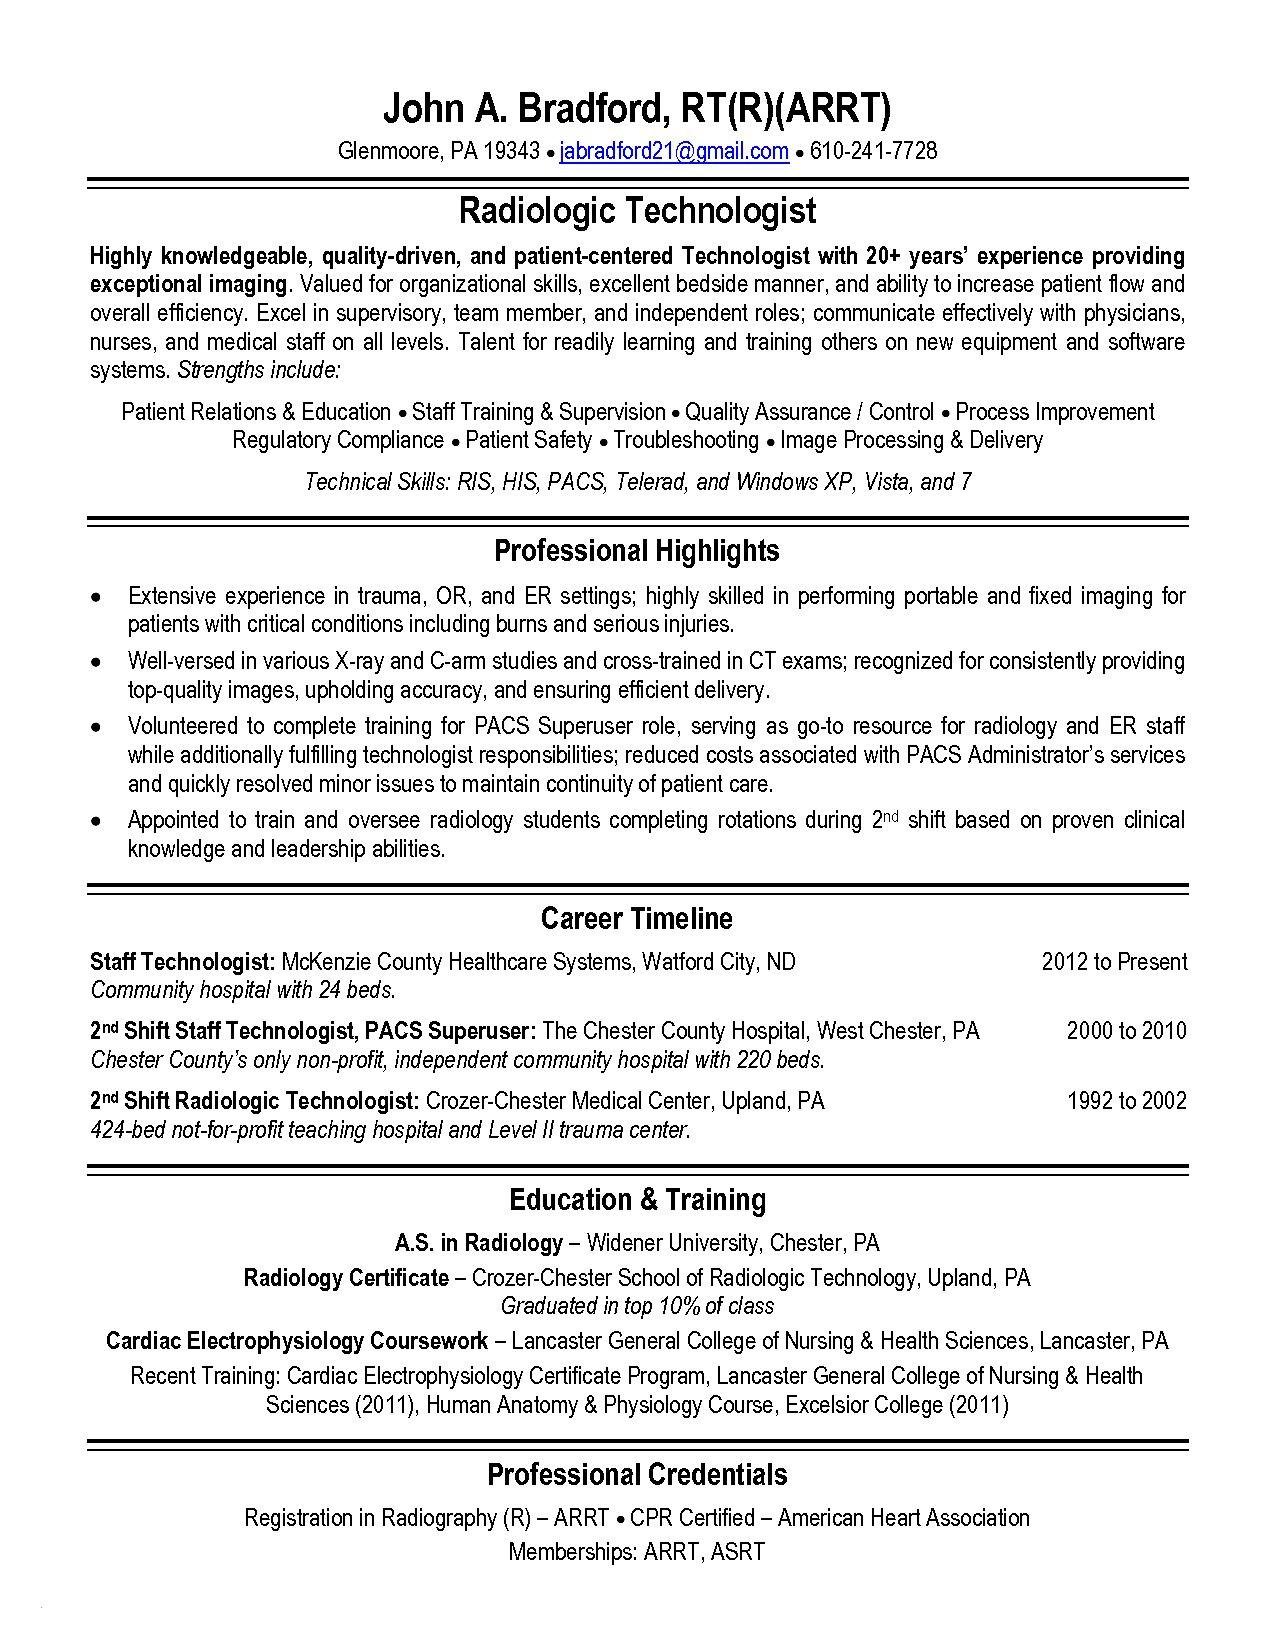 Sample Resume for Medical Technologist Fresh Graduate Sample Resume for Medical Technologist Fresh Graduate - Good ...